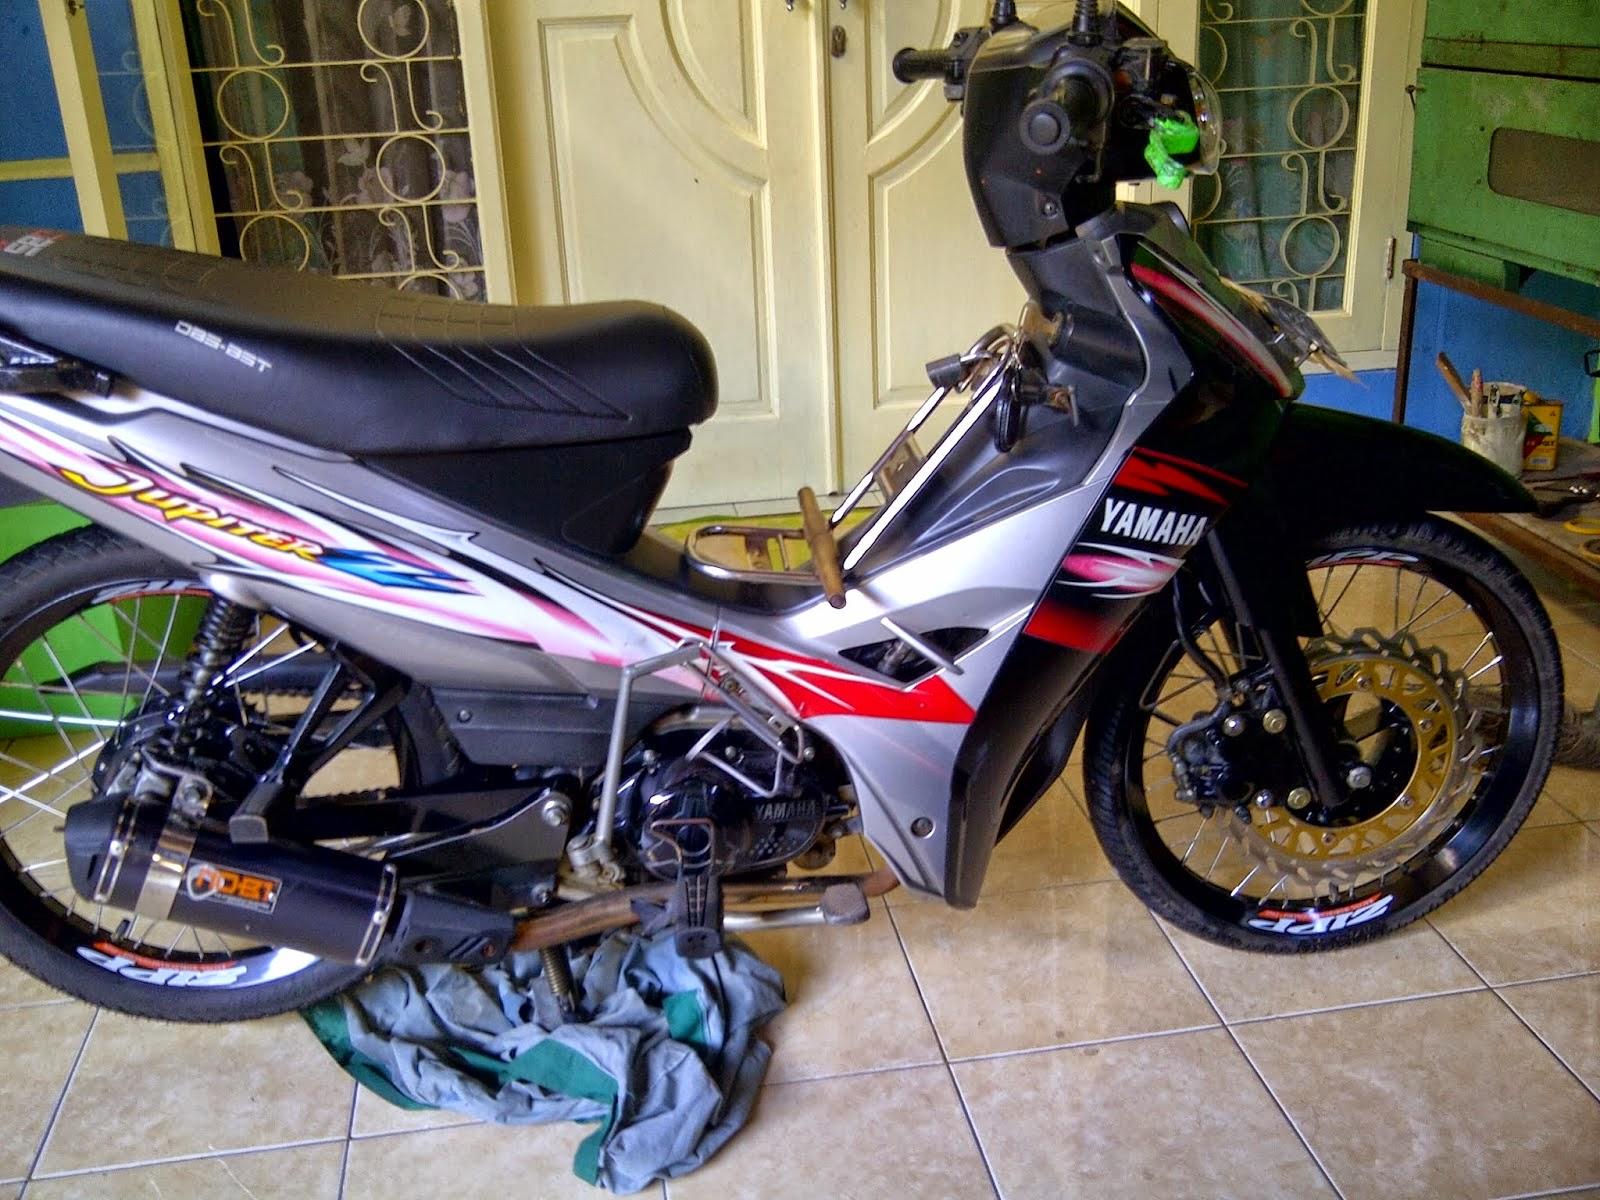 Modification Vega R New Modifikasi Standar Vega R New